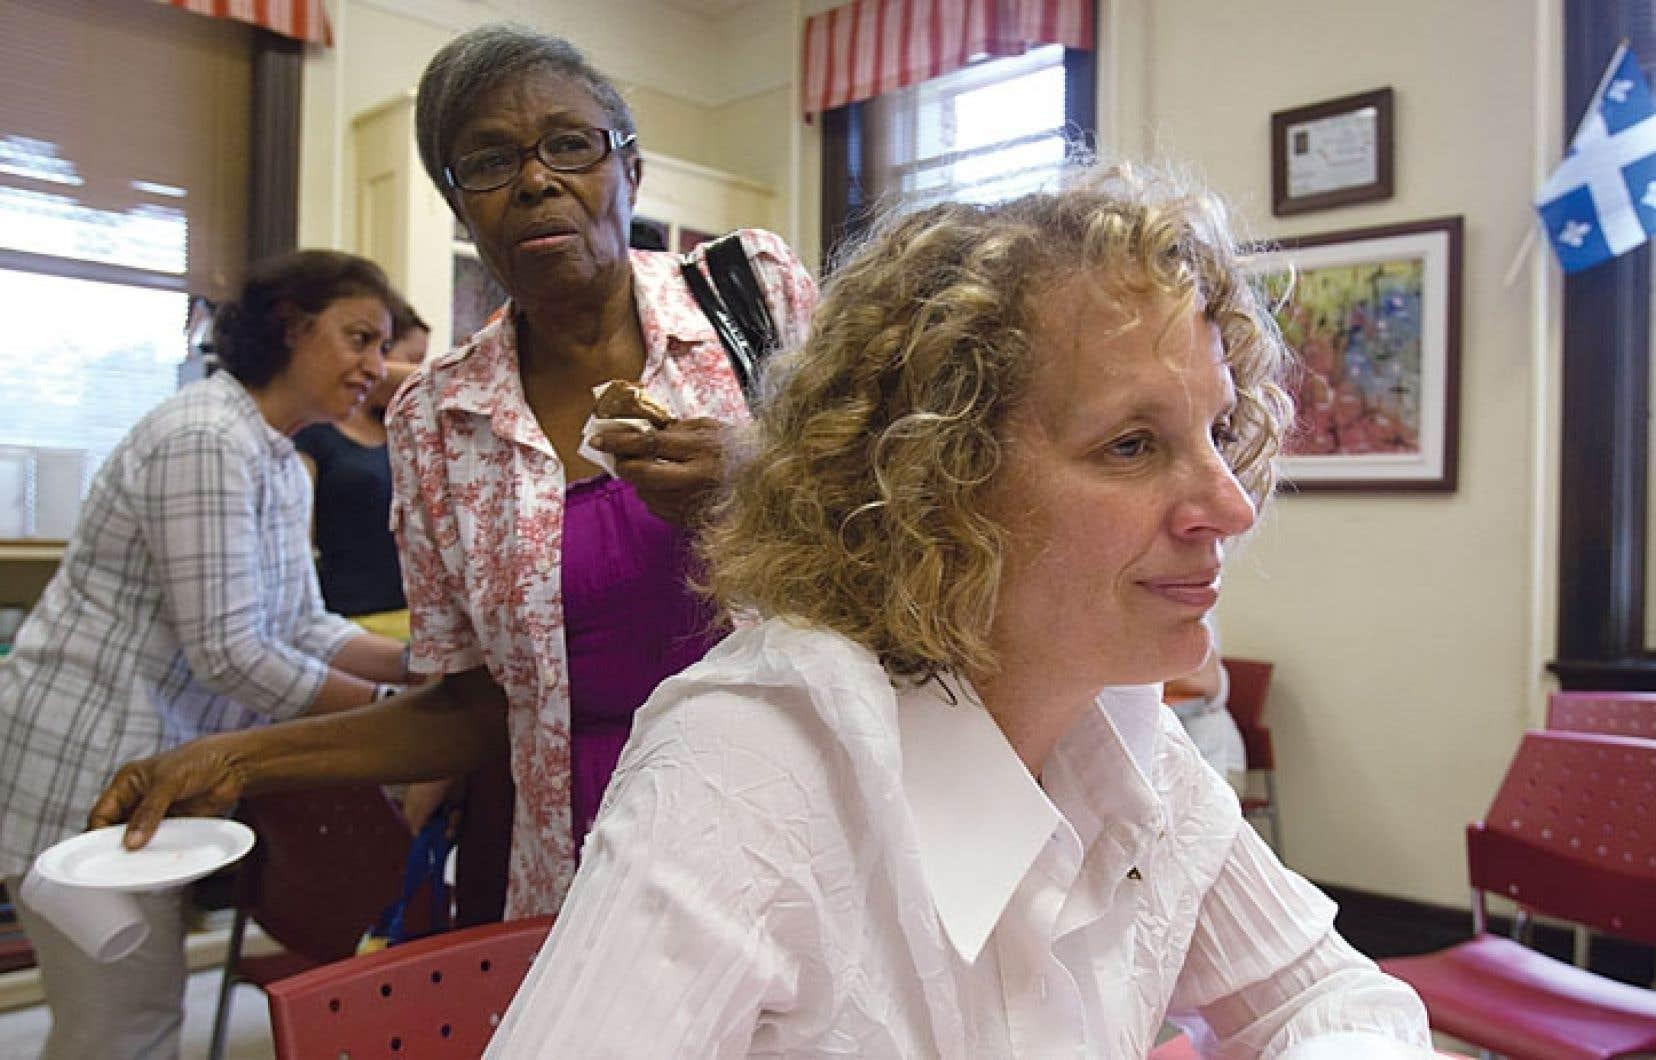 La présidente de Centraide du Grand Montréal, Lili-Anna Pereša, dans la salle commune de la Maison de quartier Villeray.